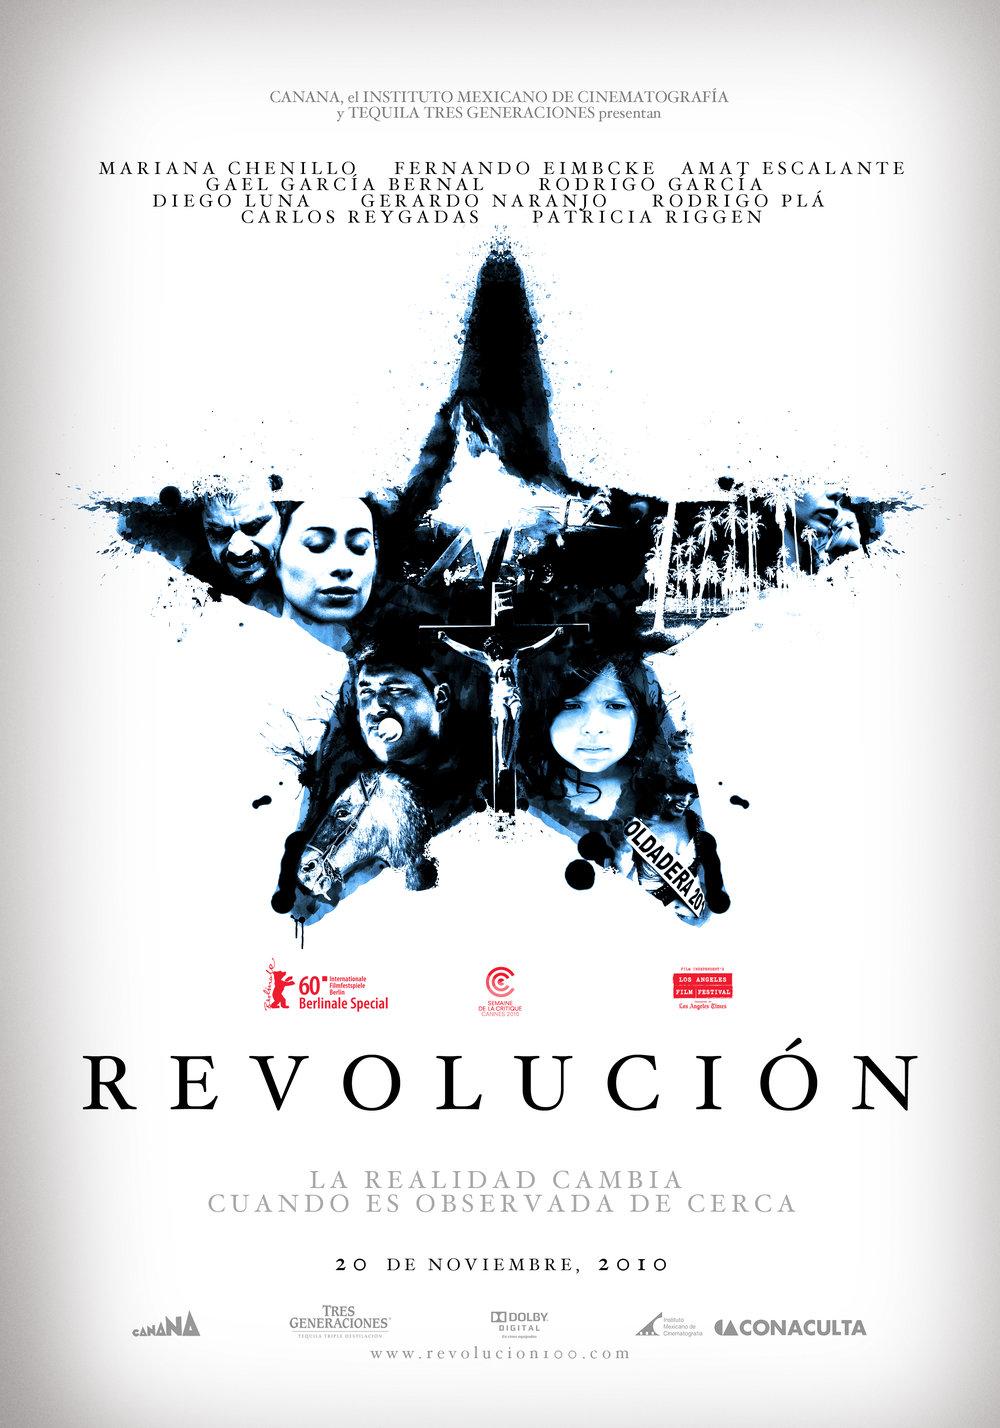 REVOLUCION_POSTER.jpg